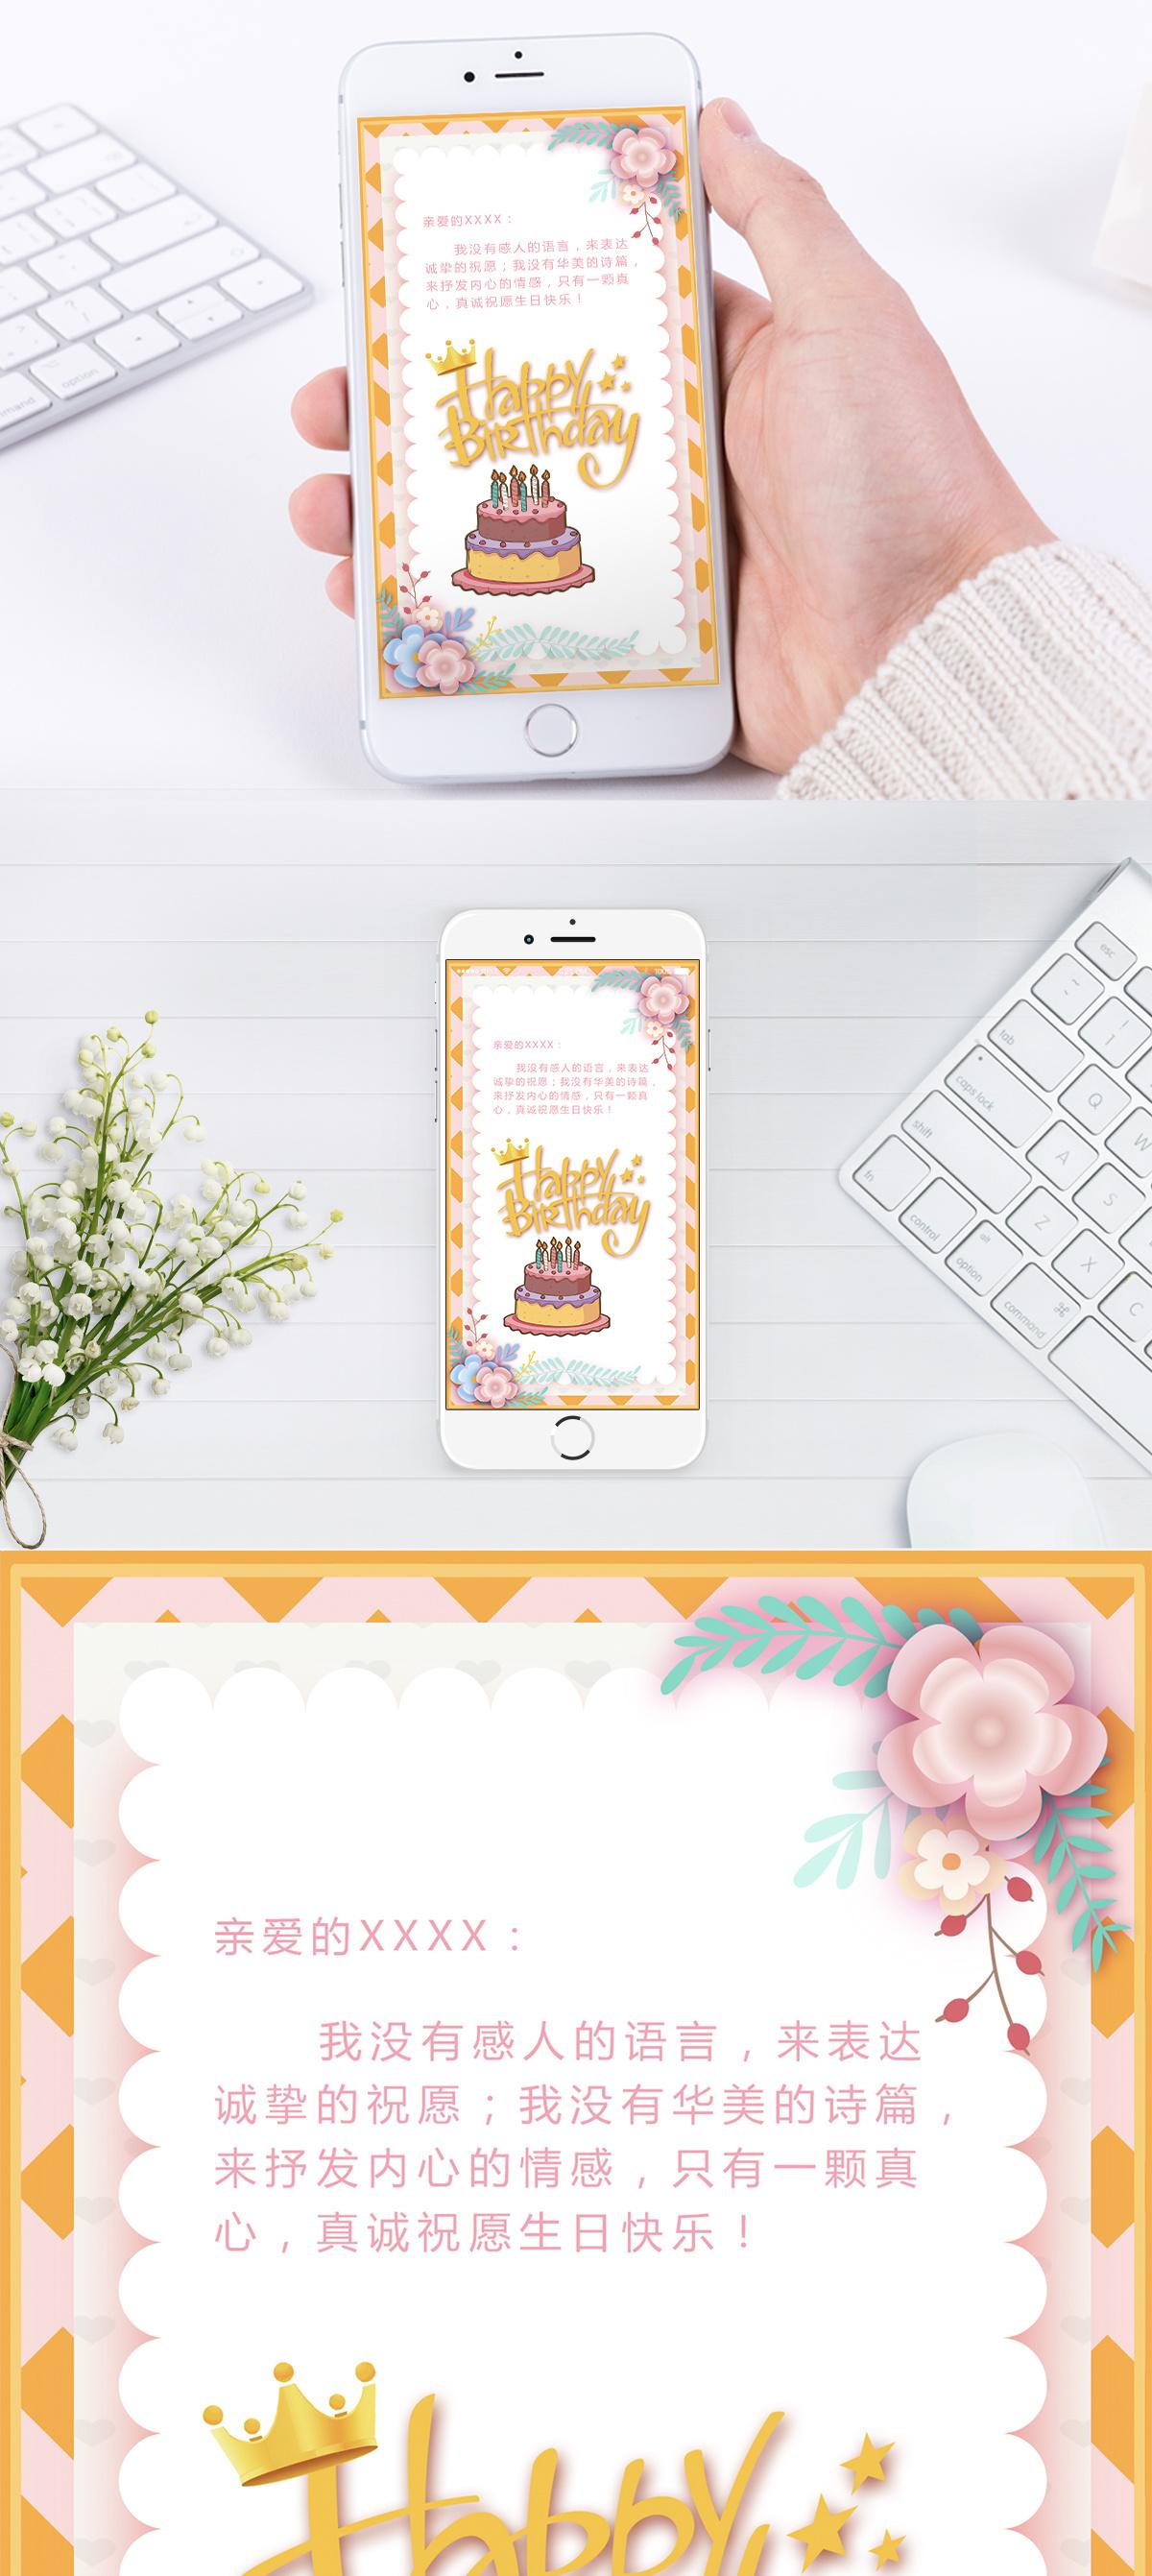 手机生日贺卡图片